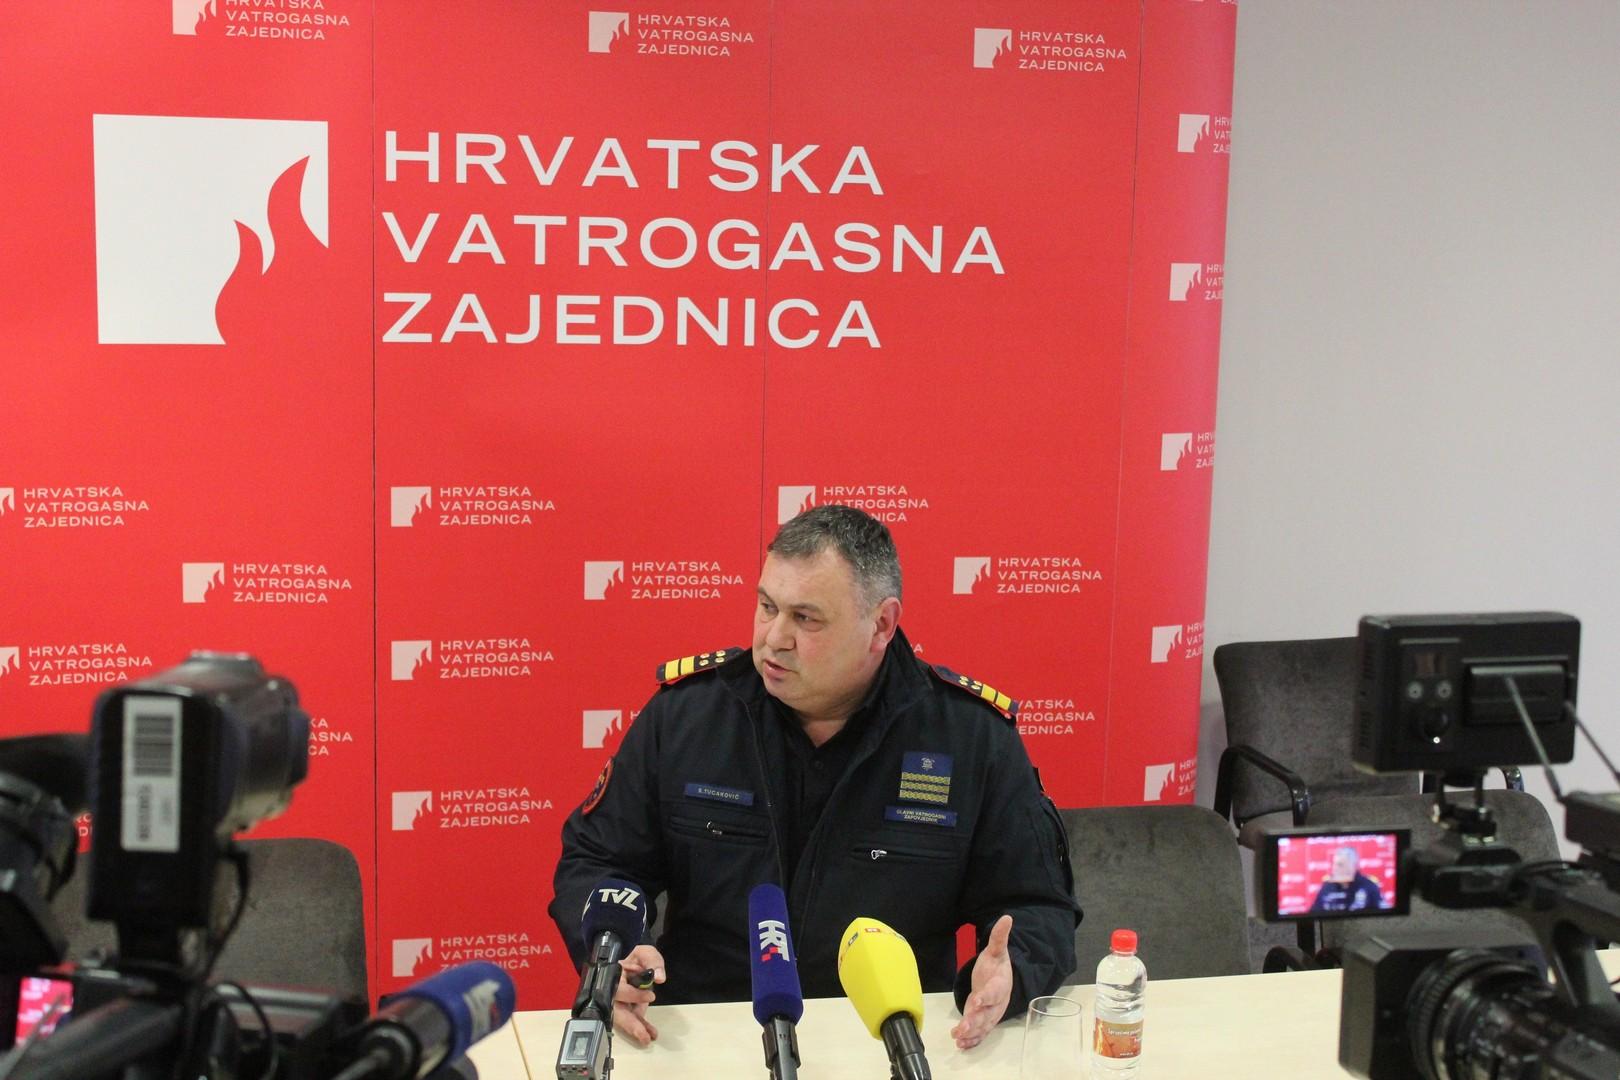 HVZ Slavko tucaković